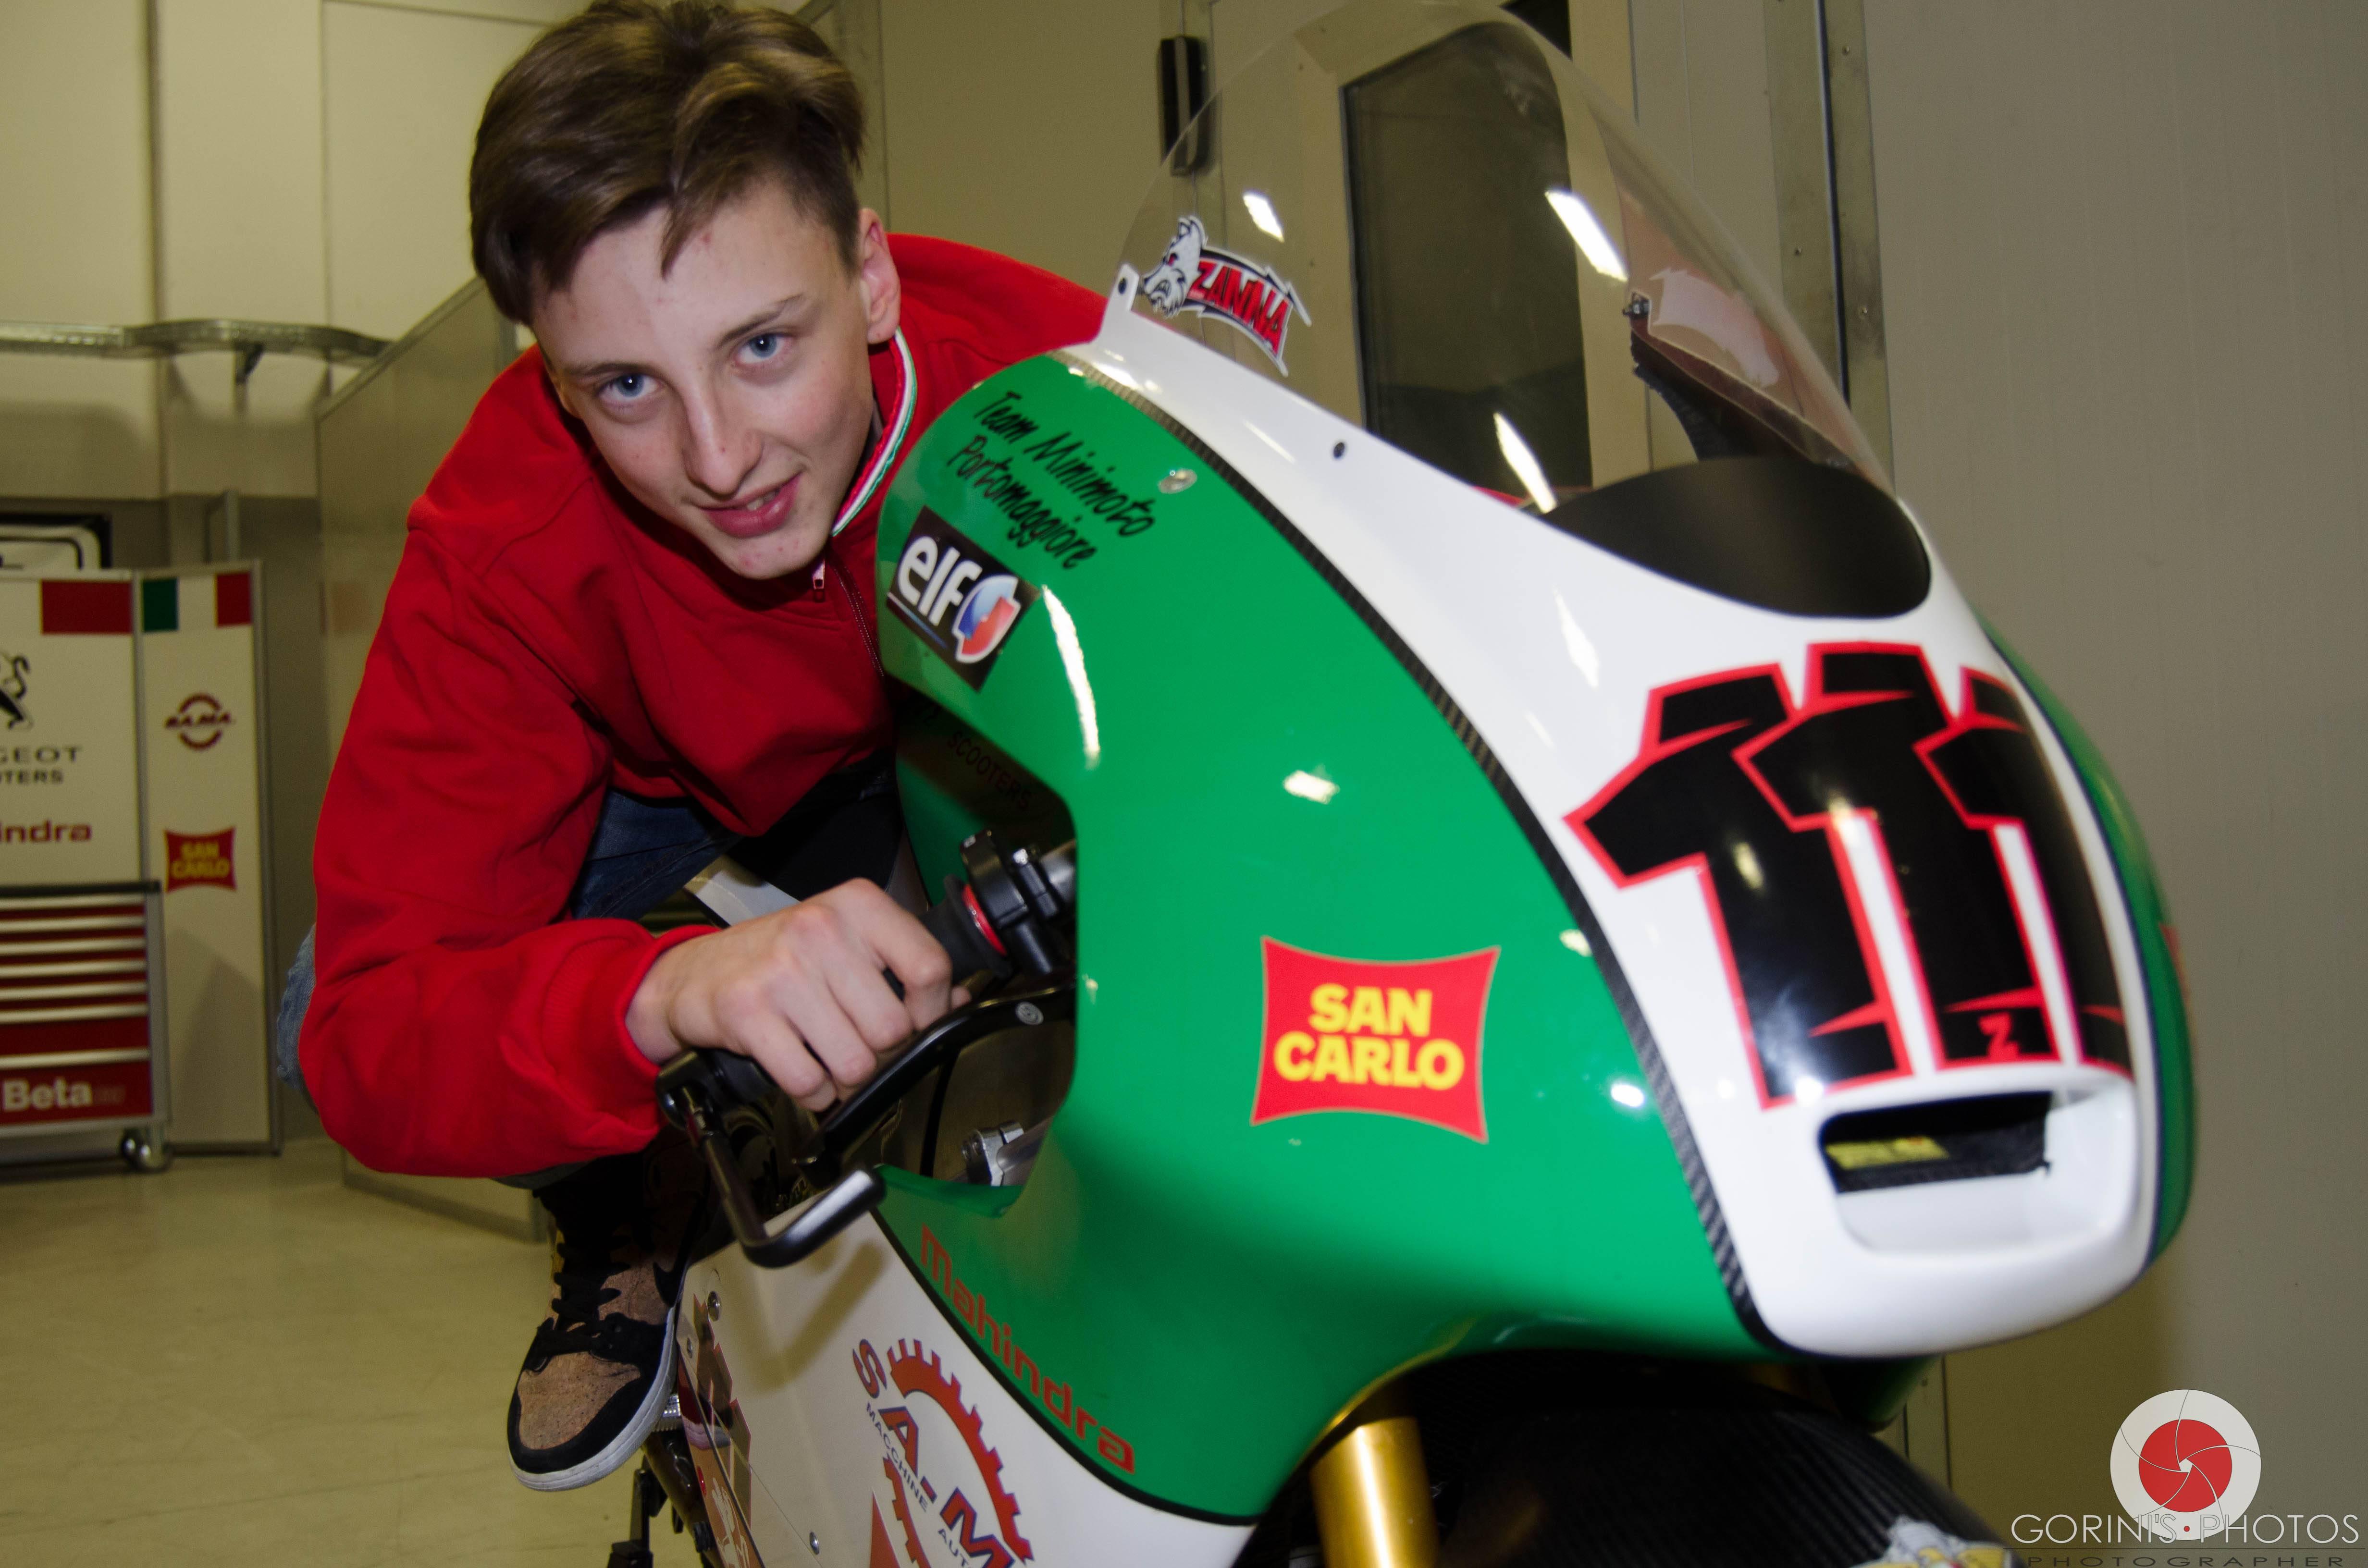 Kevin Zannoni parteciperà al Campionato Italiano Moto3 su Mahindra